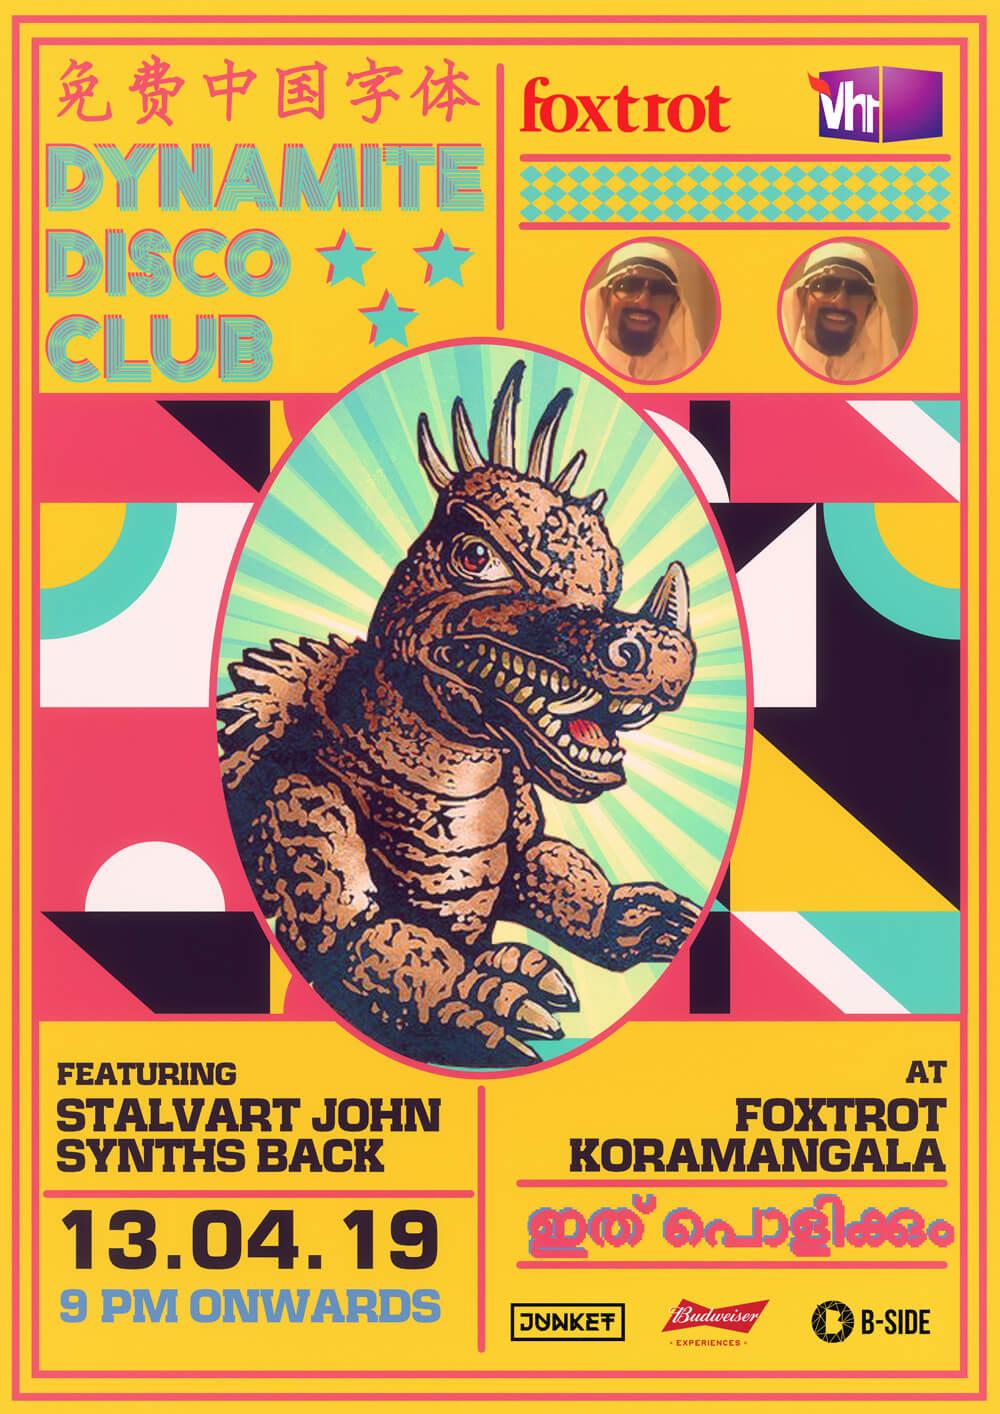 Dynamite Disco Club - Bangalore